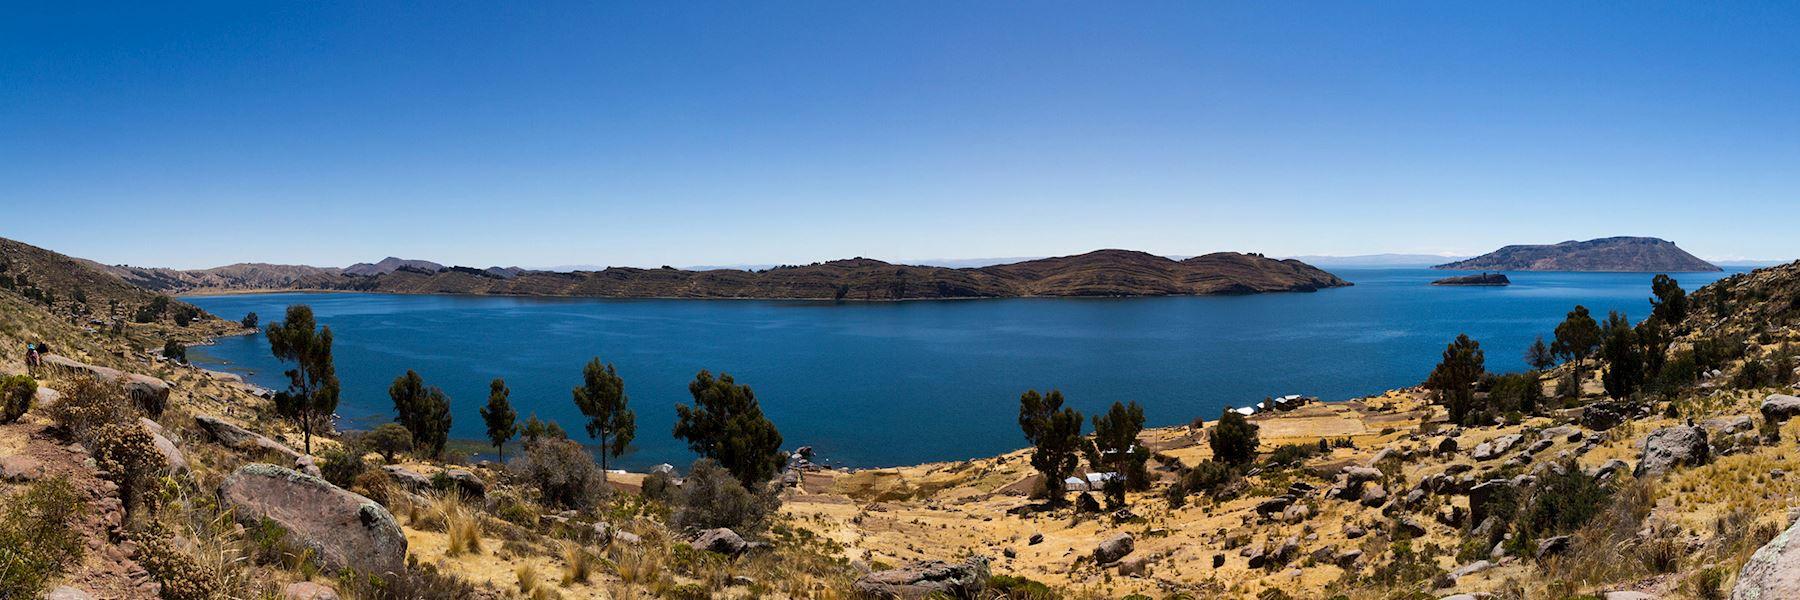 Visit Lake Titicaca, Peru